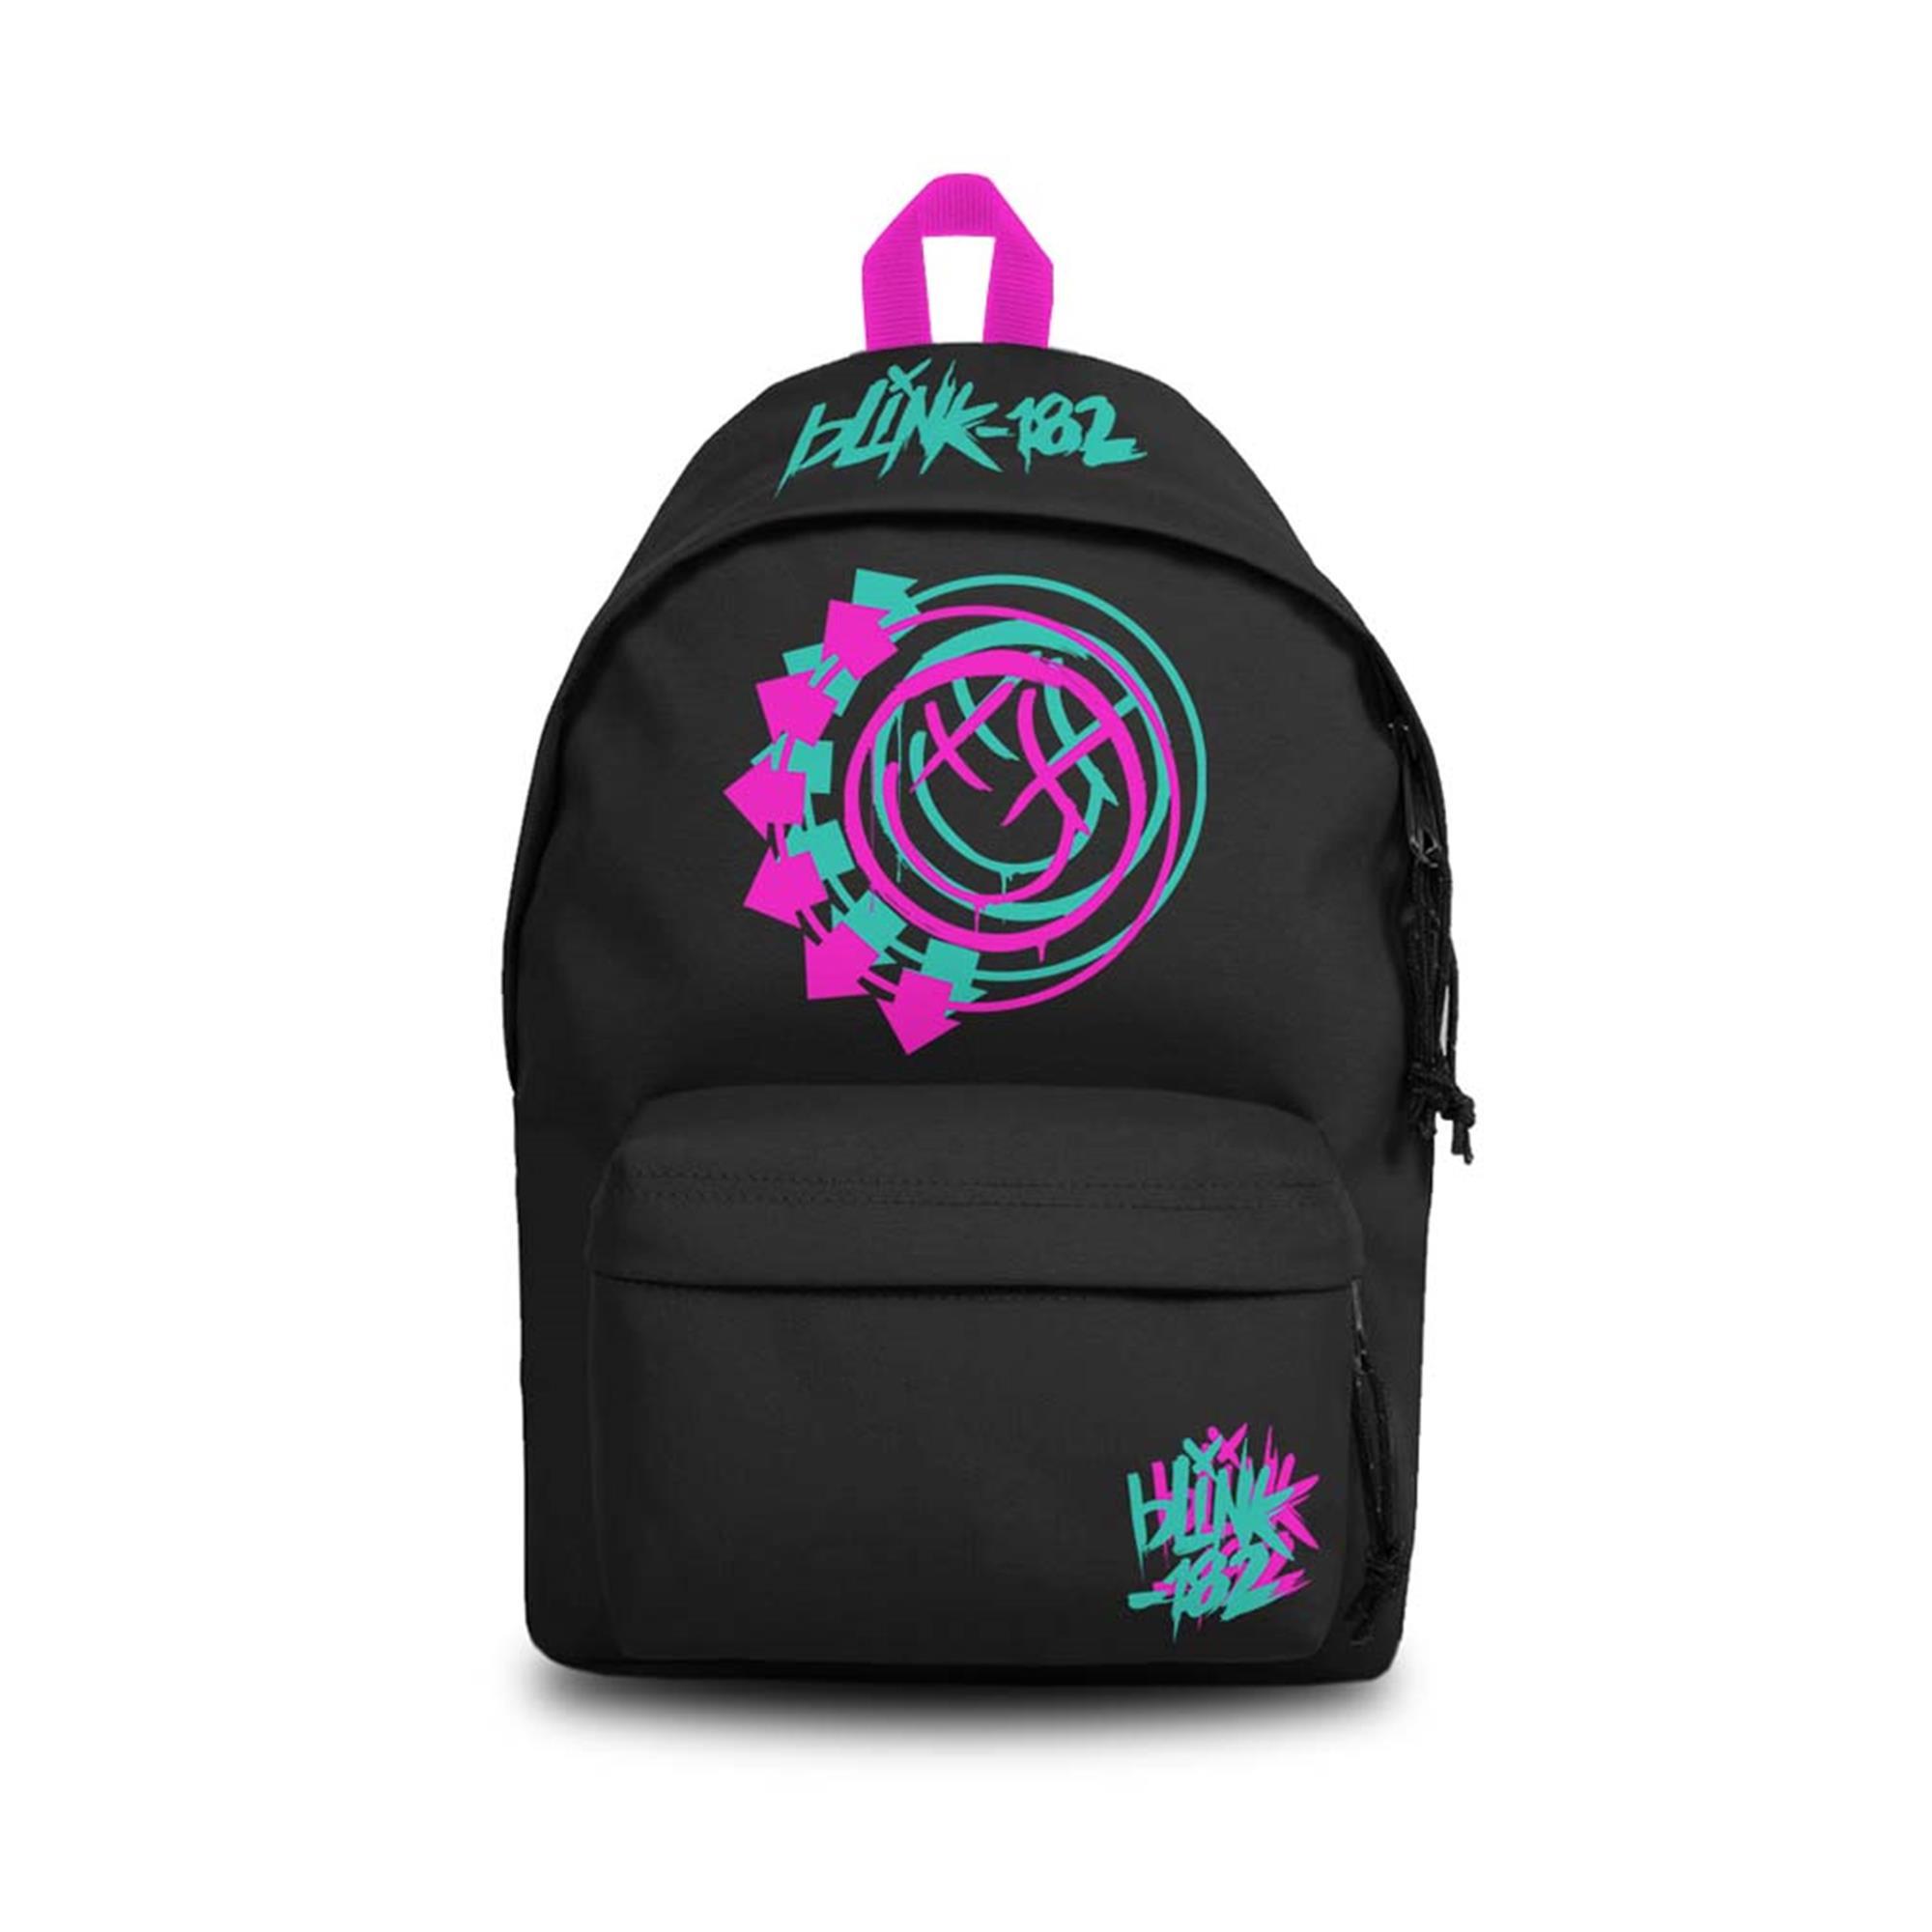 Blink 182 Smile Black Daypack